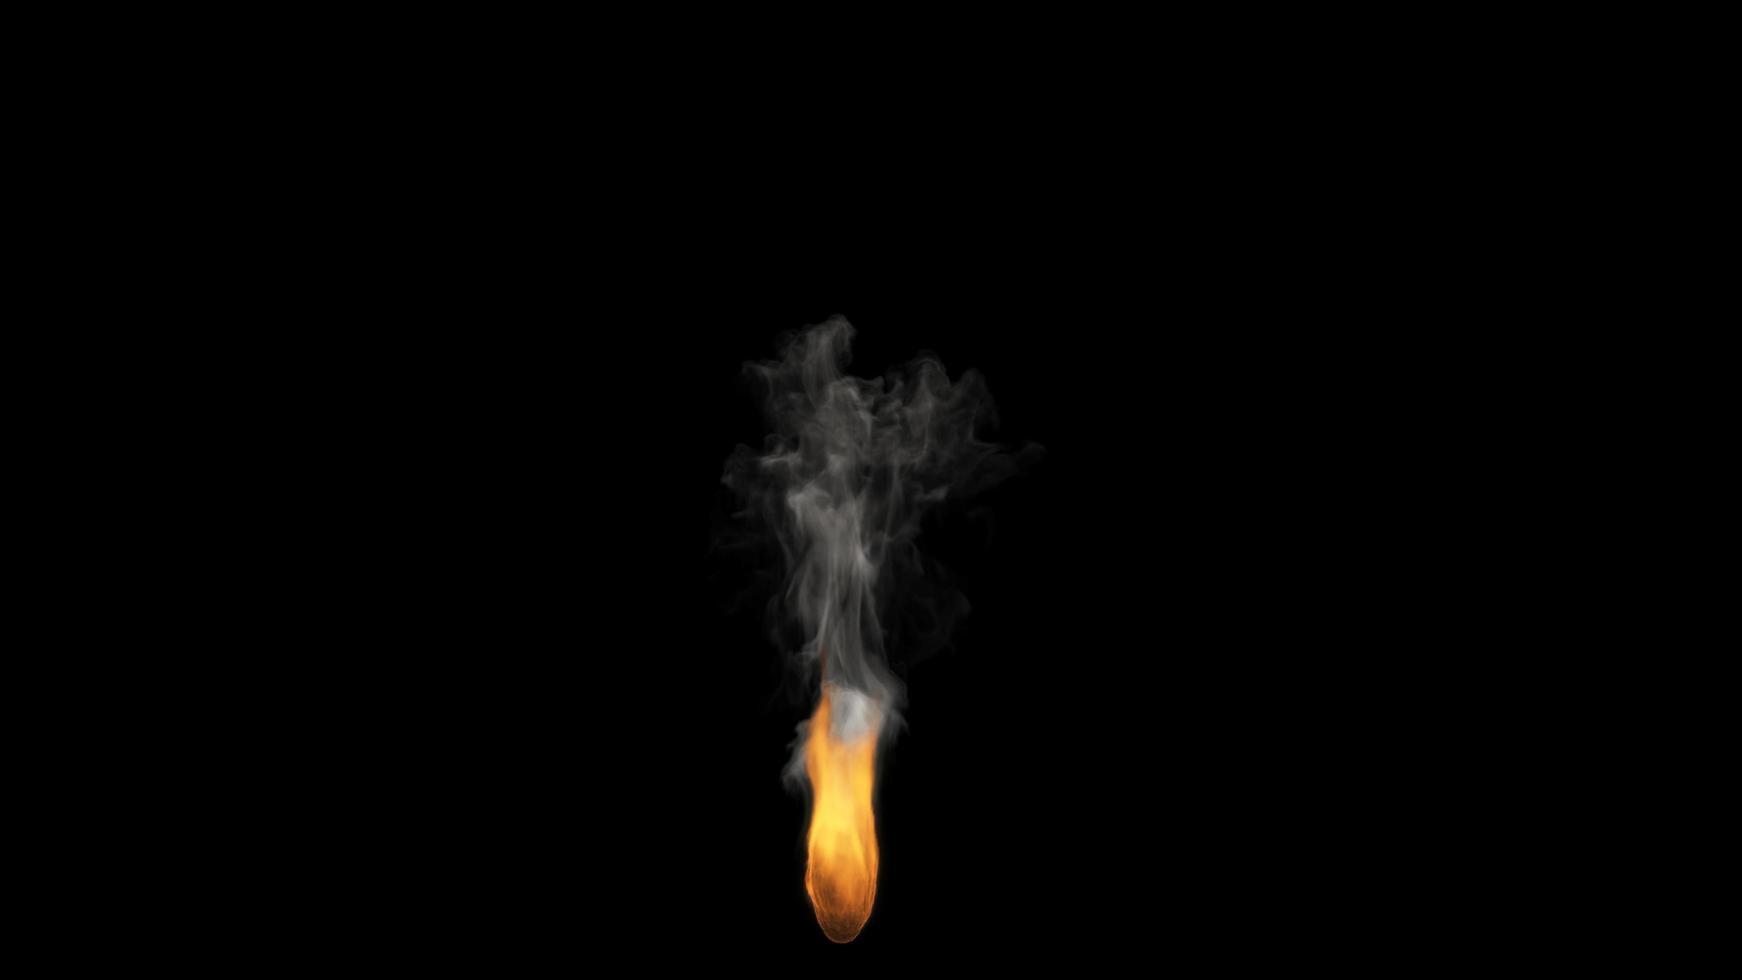 Feuer brennt auf schwarzem Hintergrund foto